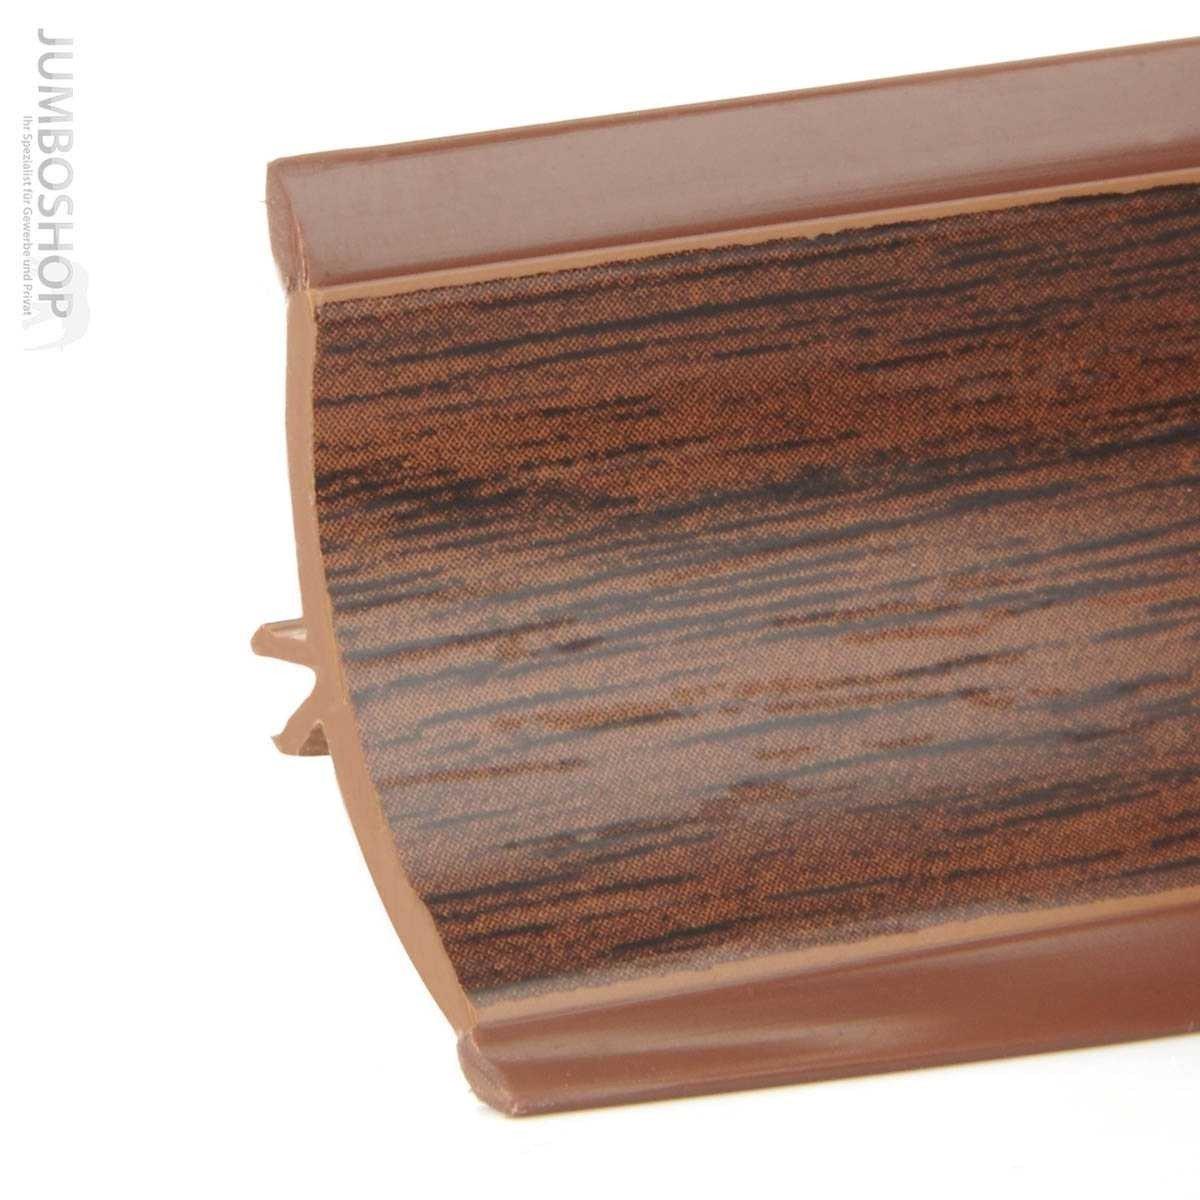 abschlussleiste küche arbeitsplatte küchenleiste - nuss dunkel